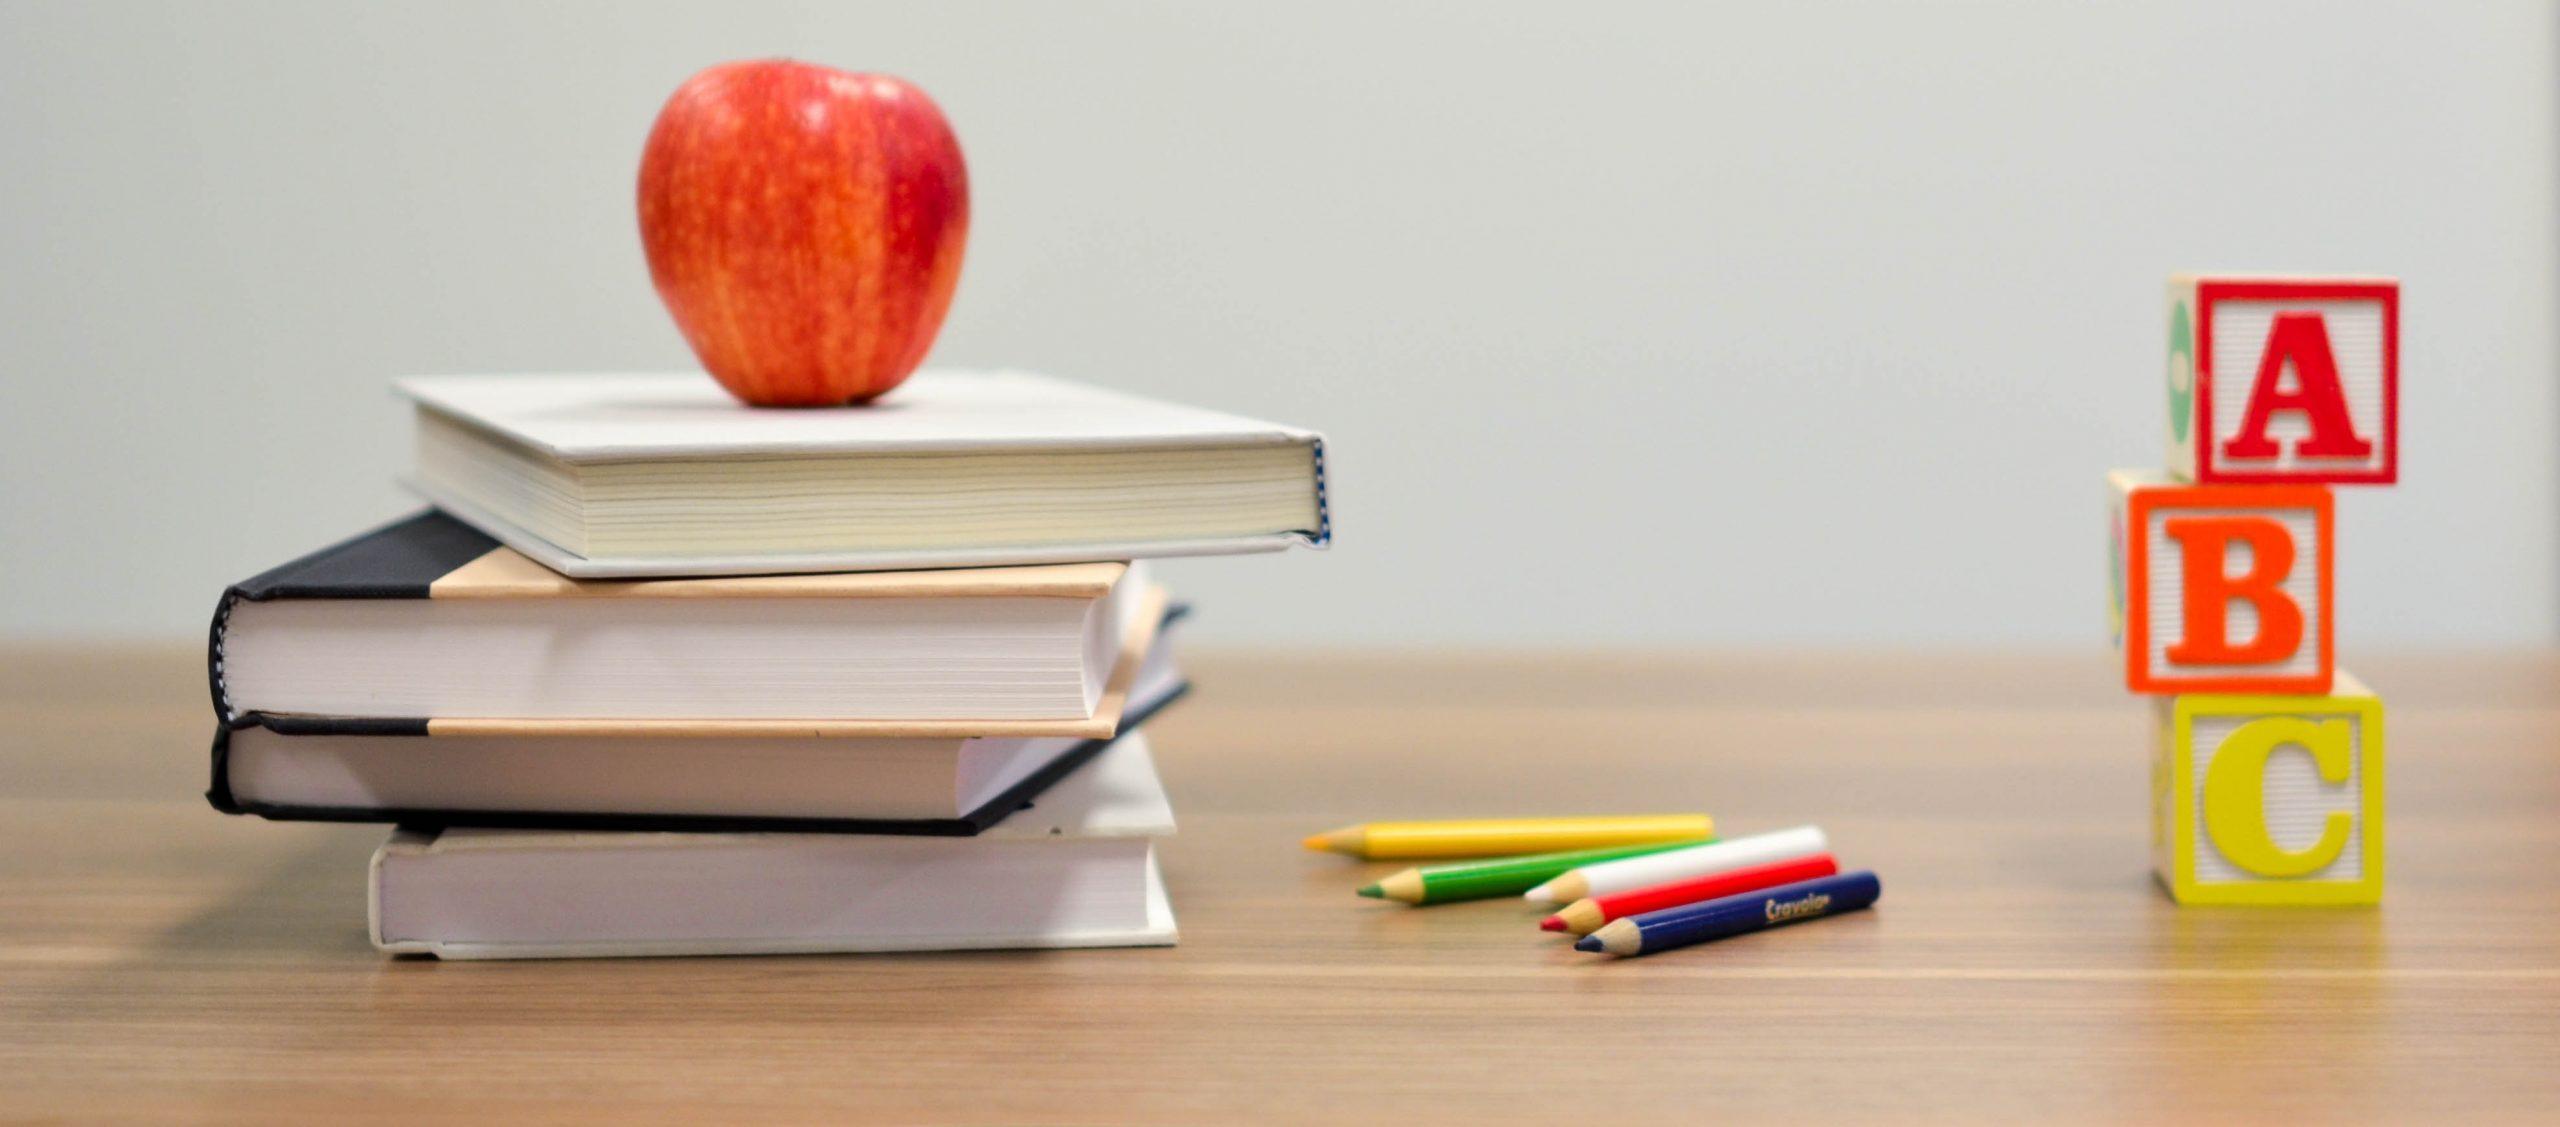 Enseignements Pratiques Interdisciplinaires (EPI) de décembre 2019 : photos et vidéos